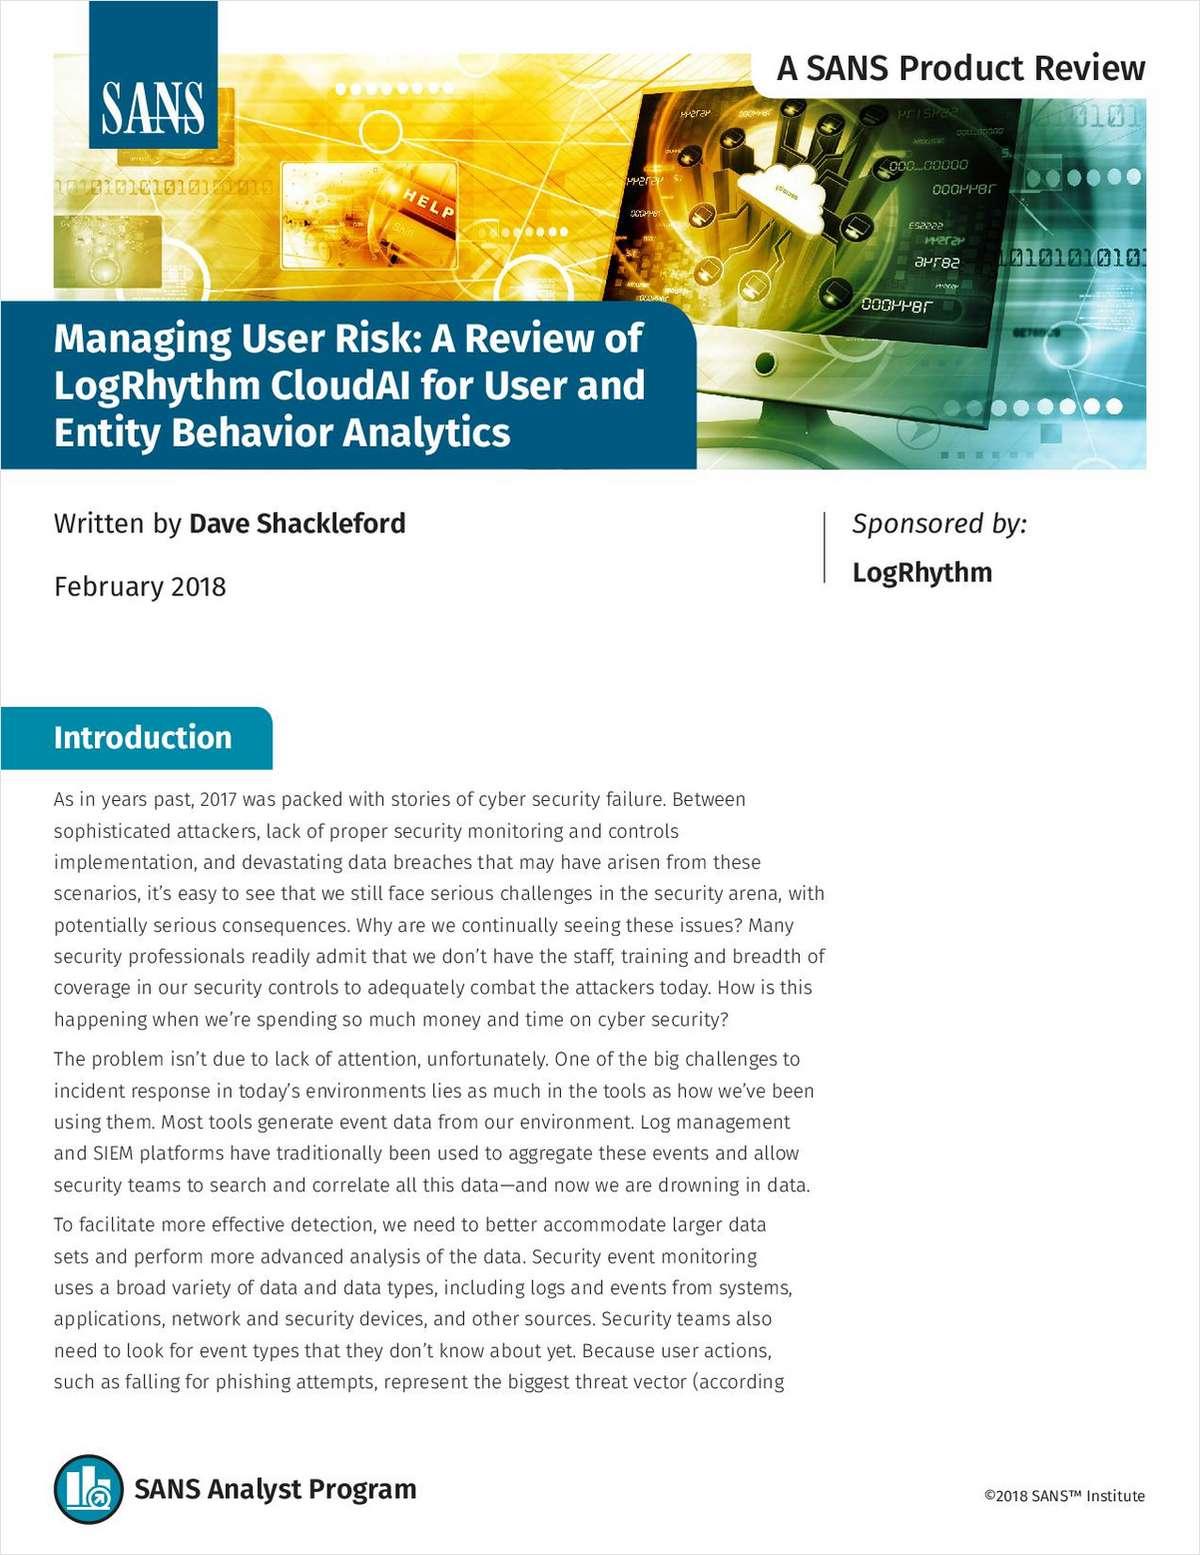 SANS Reviews LogRhythm CloudAI for UEBA